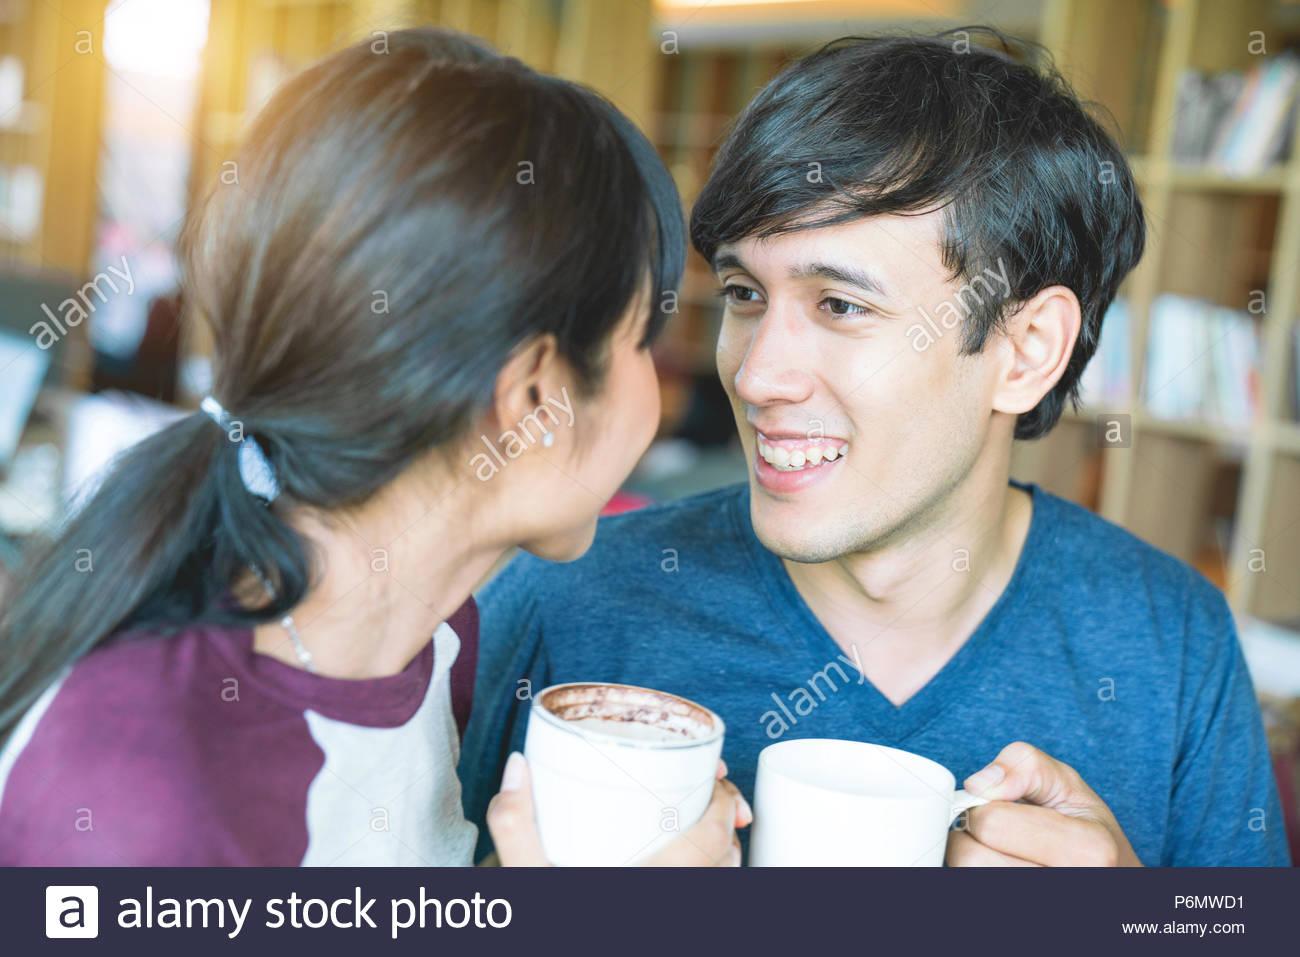 Felice coppia giovane è di bere il caffè e sorridenti mentre è seduto presso il cafe Immagini Stock